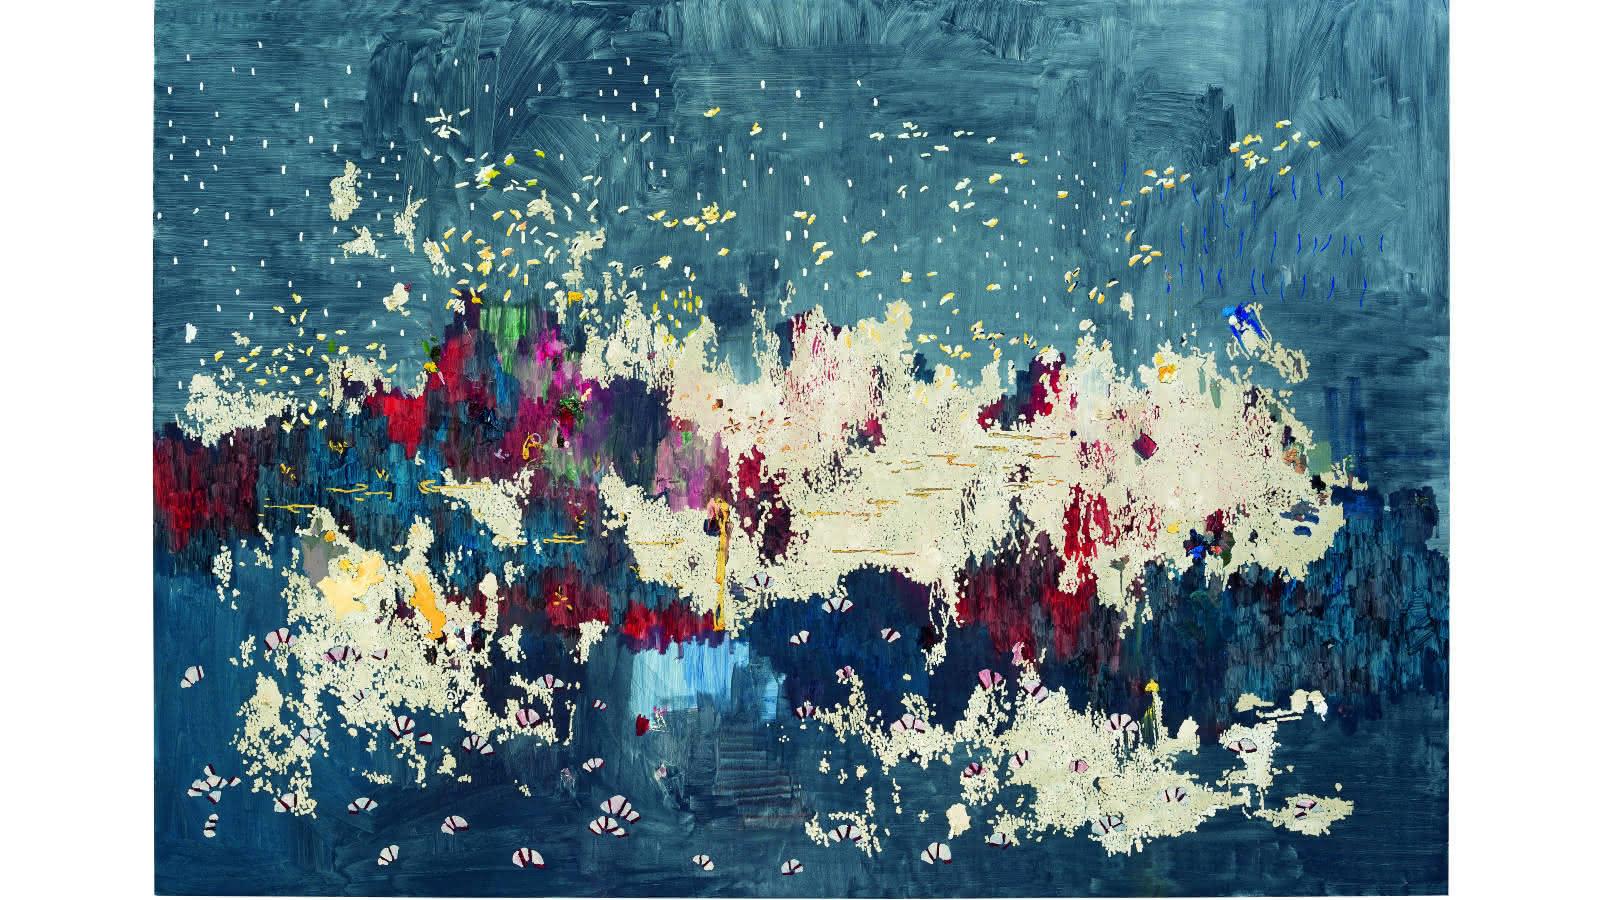 © Marina Rheingantz - Noturno em Si Maior, 2019, Huile sur toile, 230 × 330 cm – Collection Musée Voorlinden, Wassenaar, Pays-Bas